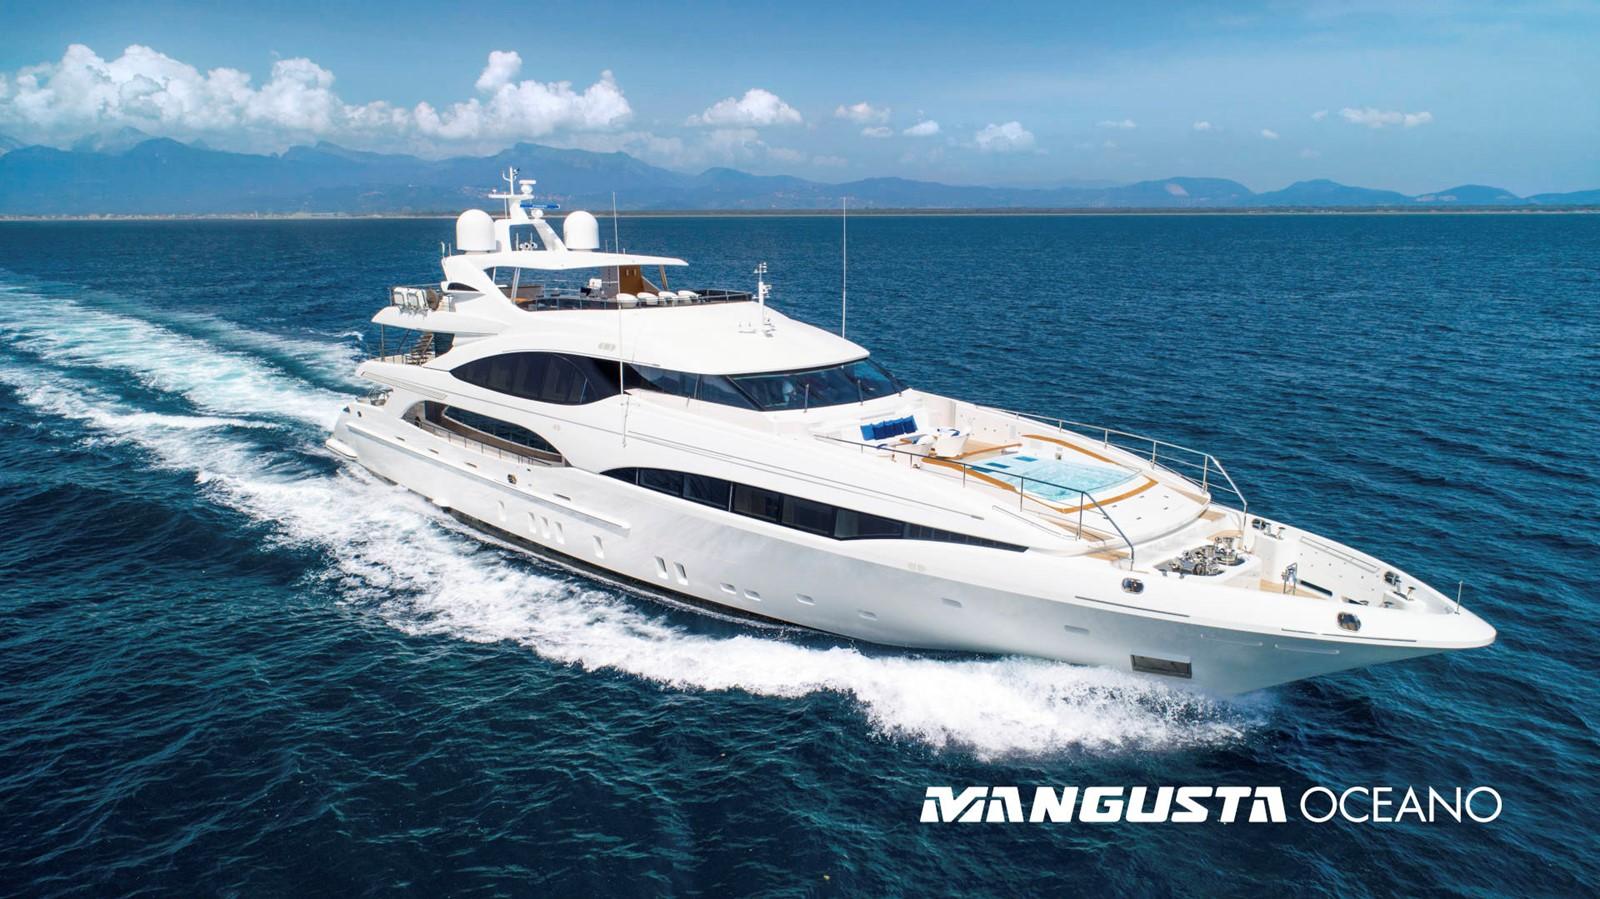 2021 OVERMARINE GROUP Mangusta Oceano 46  2570602